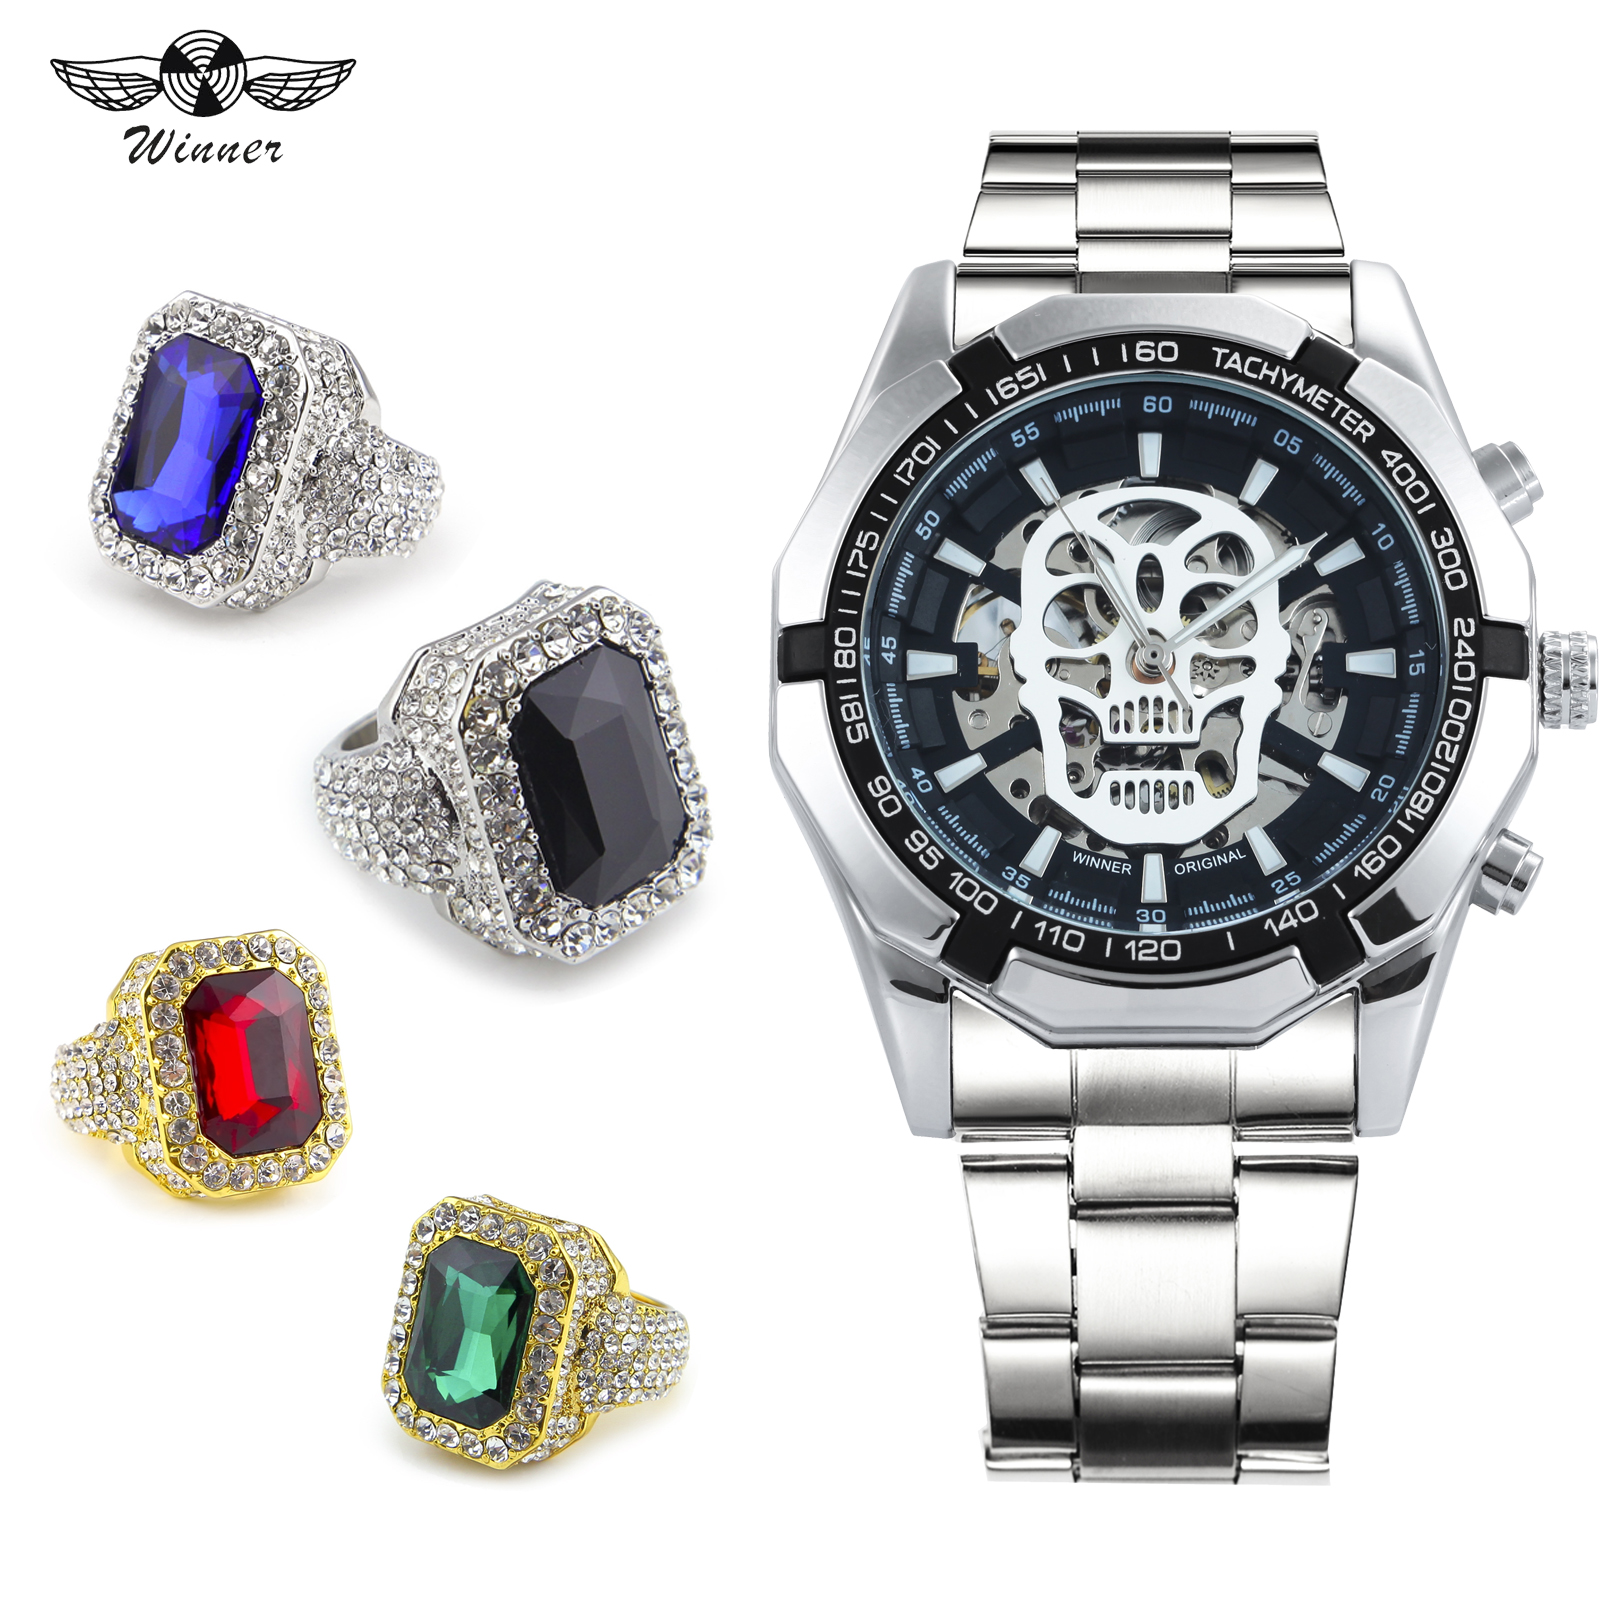 WINNER officiel Hip Hop montre ensemble de bijoux lumineux crâne Auto mécanique Punk montre hommes Top marque de luxe + anneau de cristal glacé